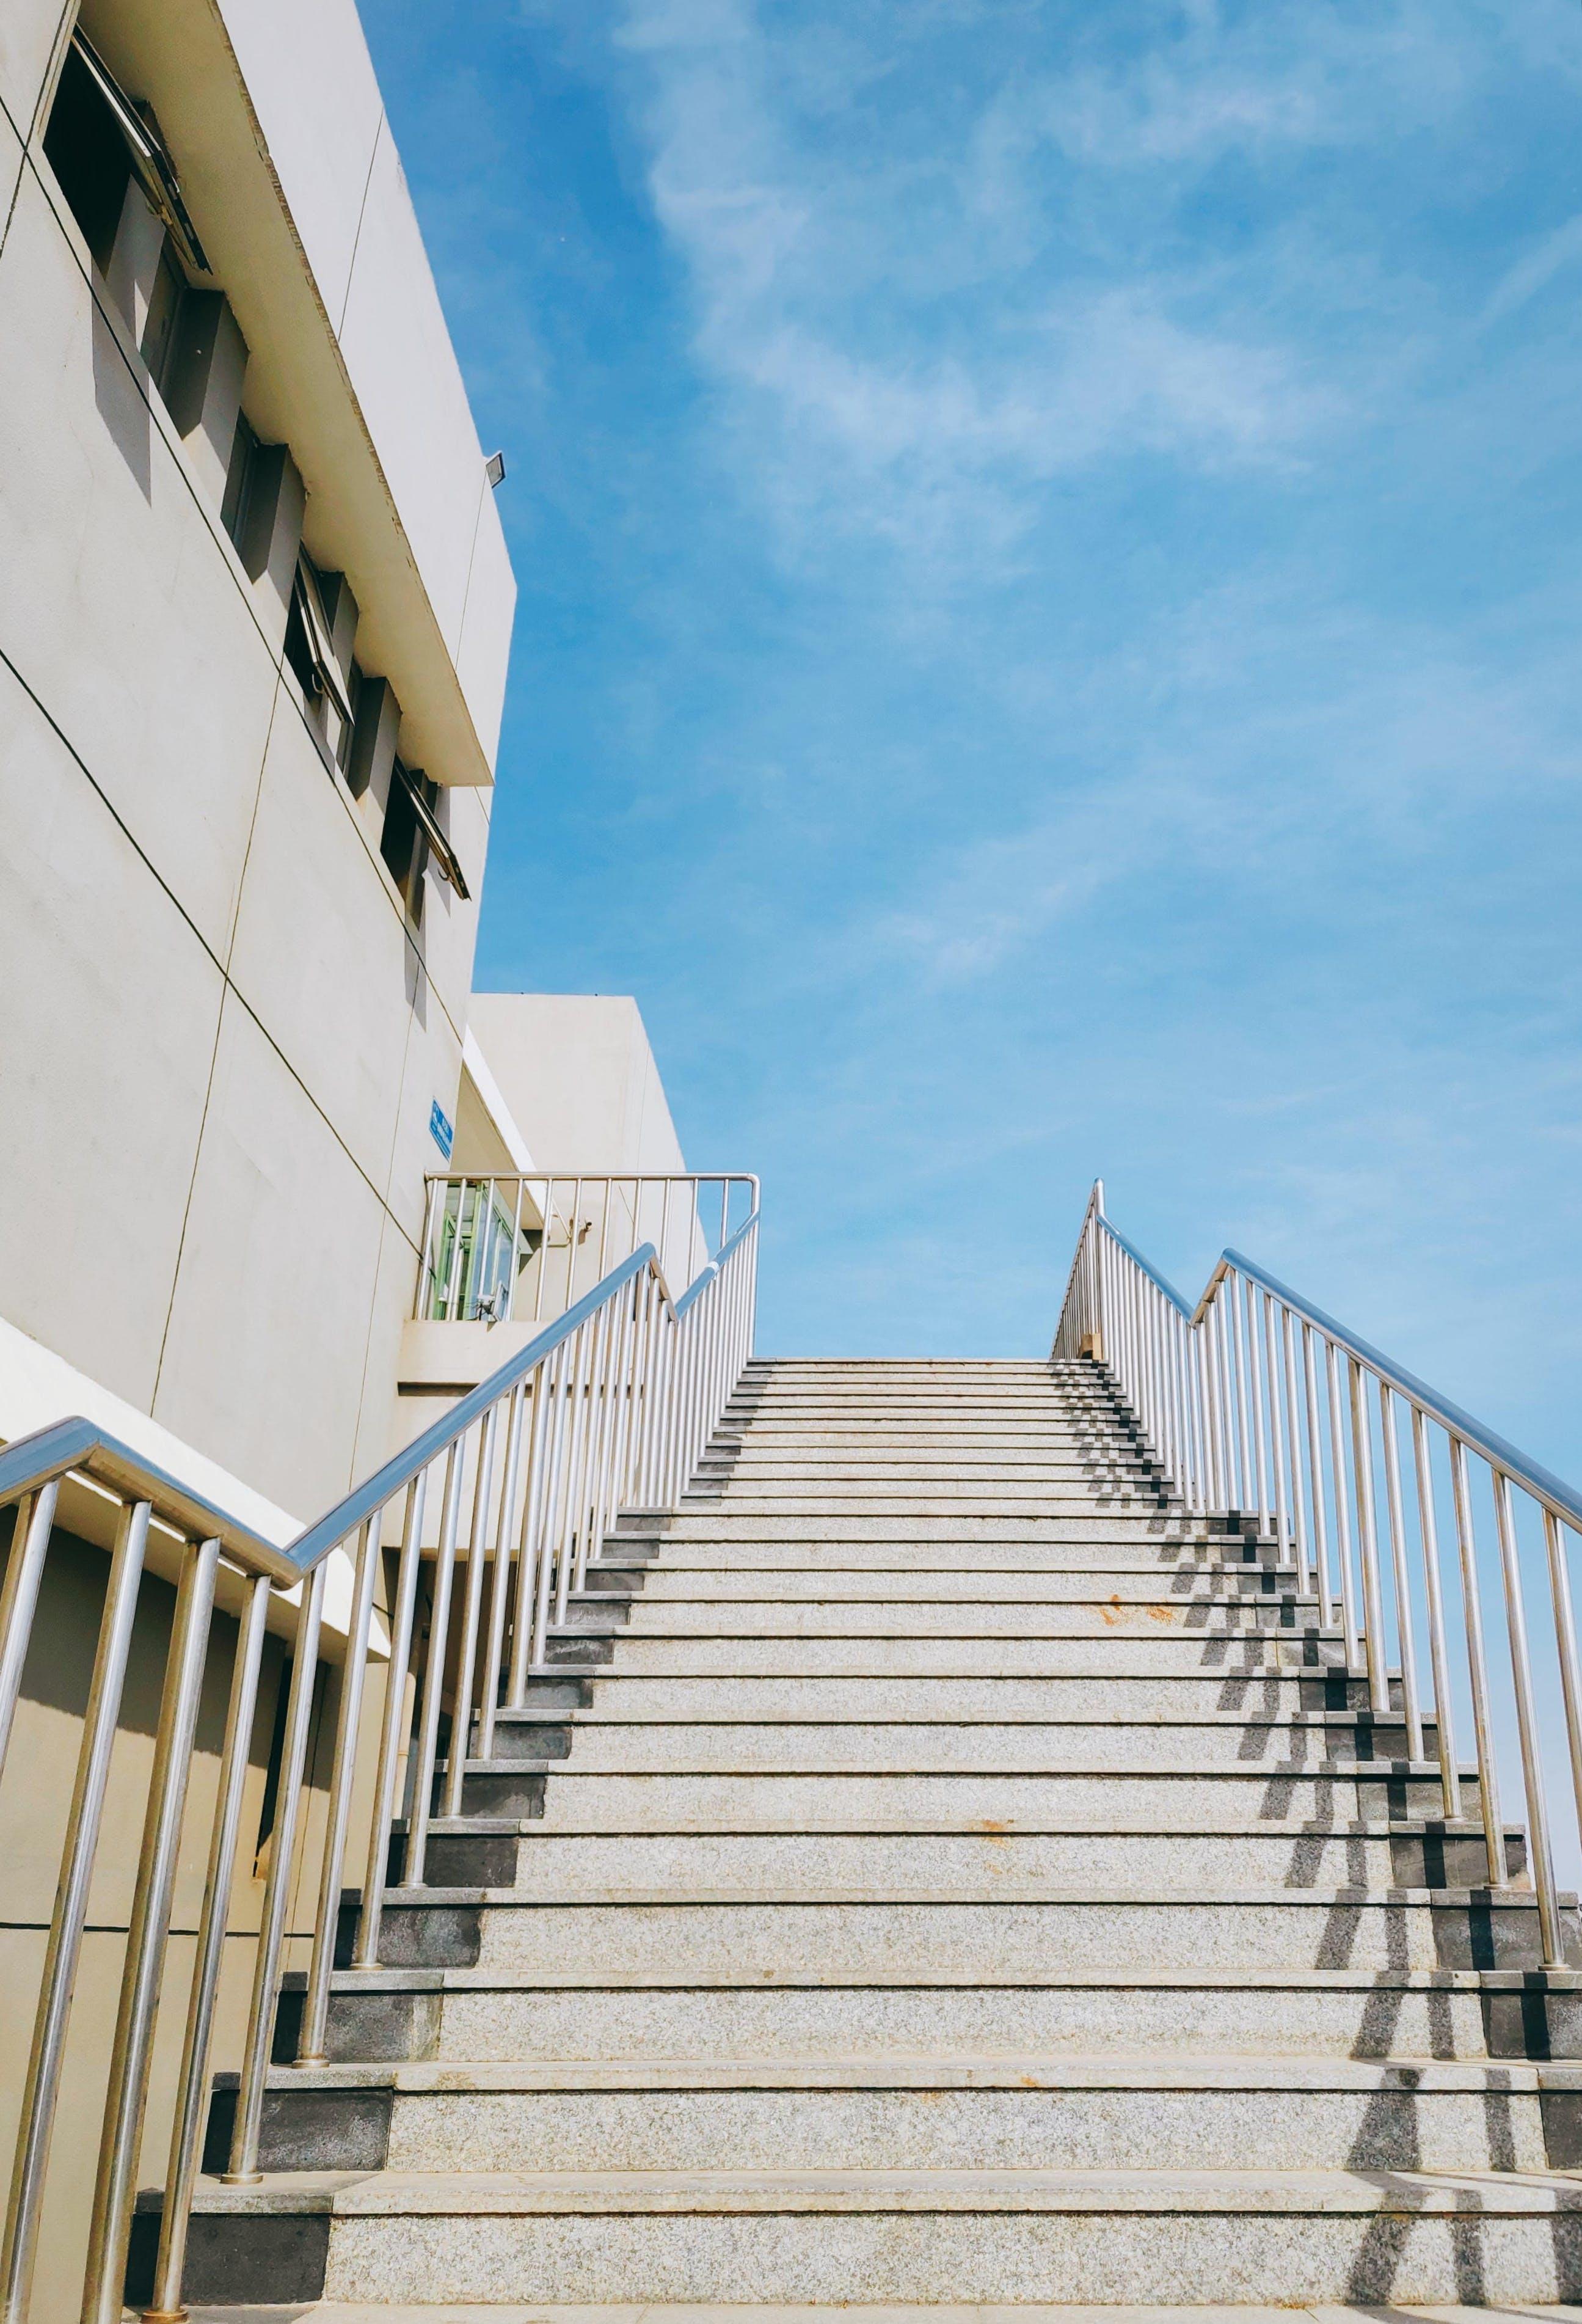 Gratis stockfoto met architectuur, gebouw, gezichtspunt, handleuning